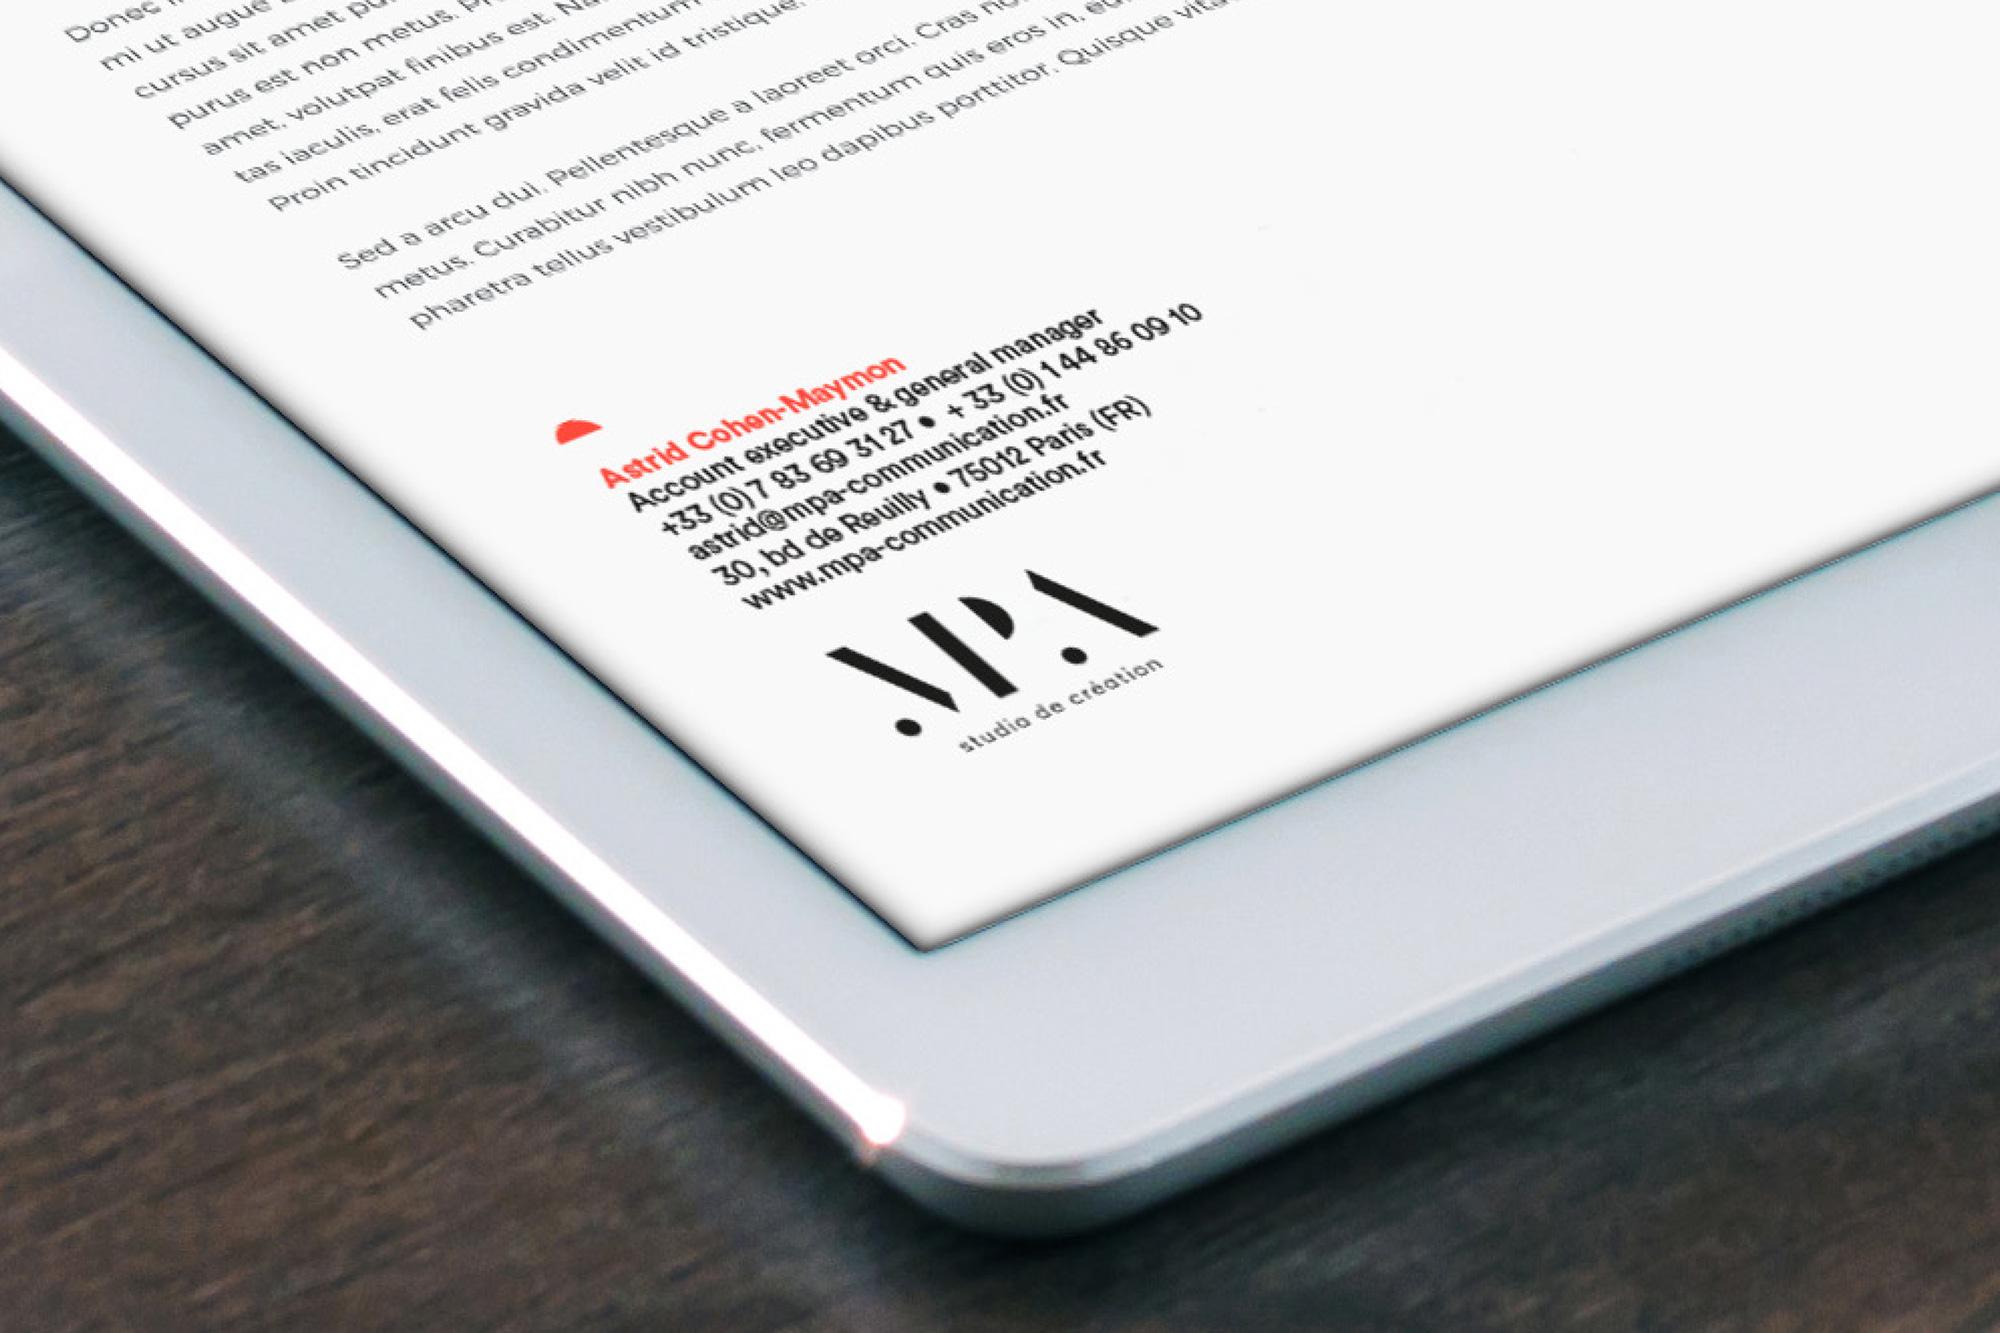 identité visuelle MPA - Narrative